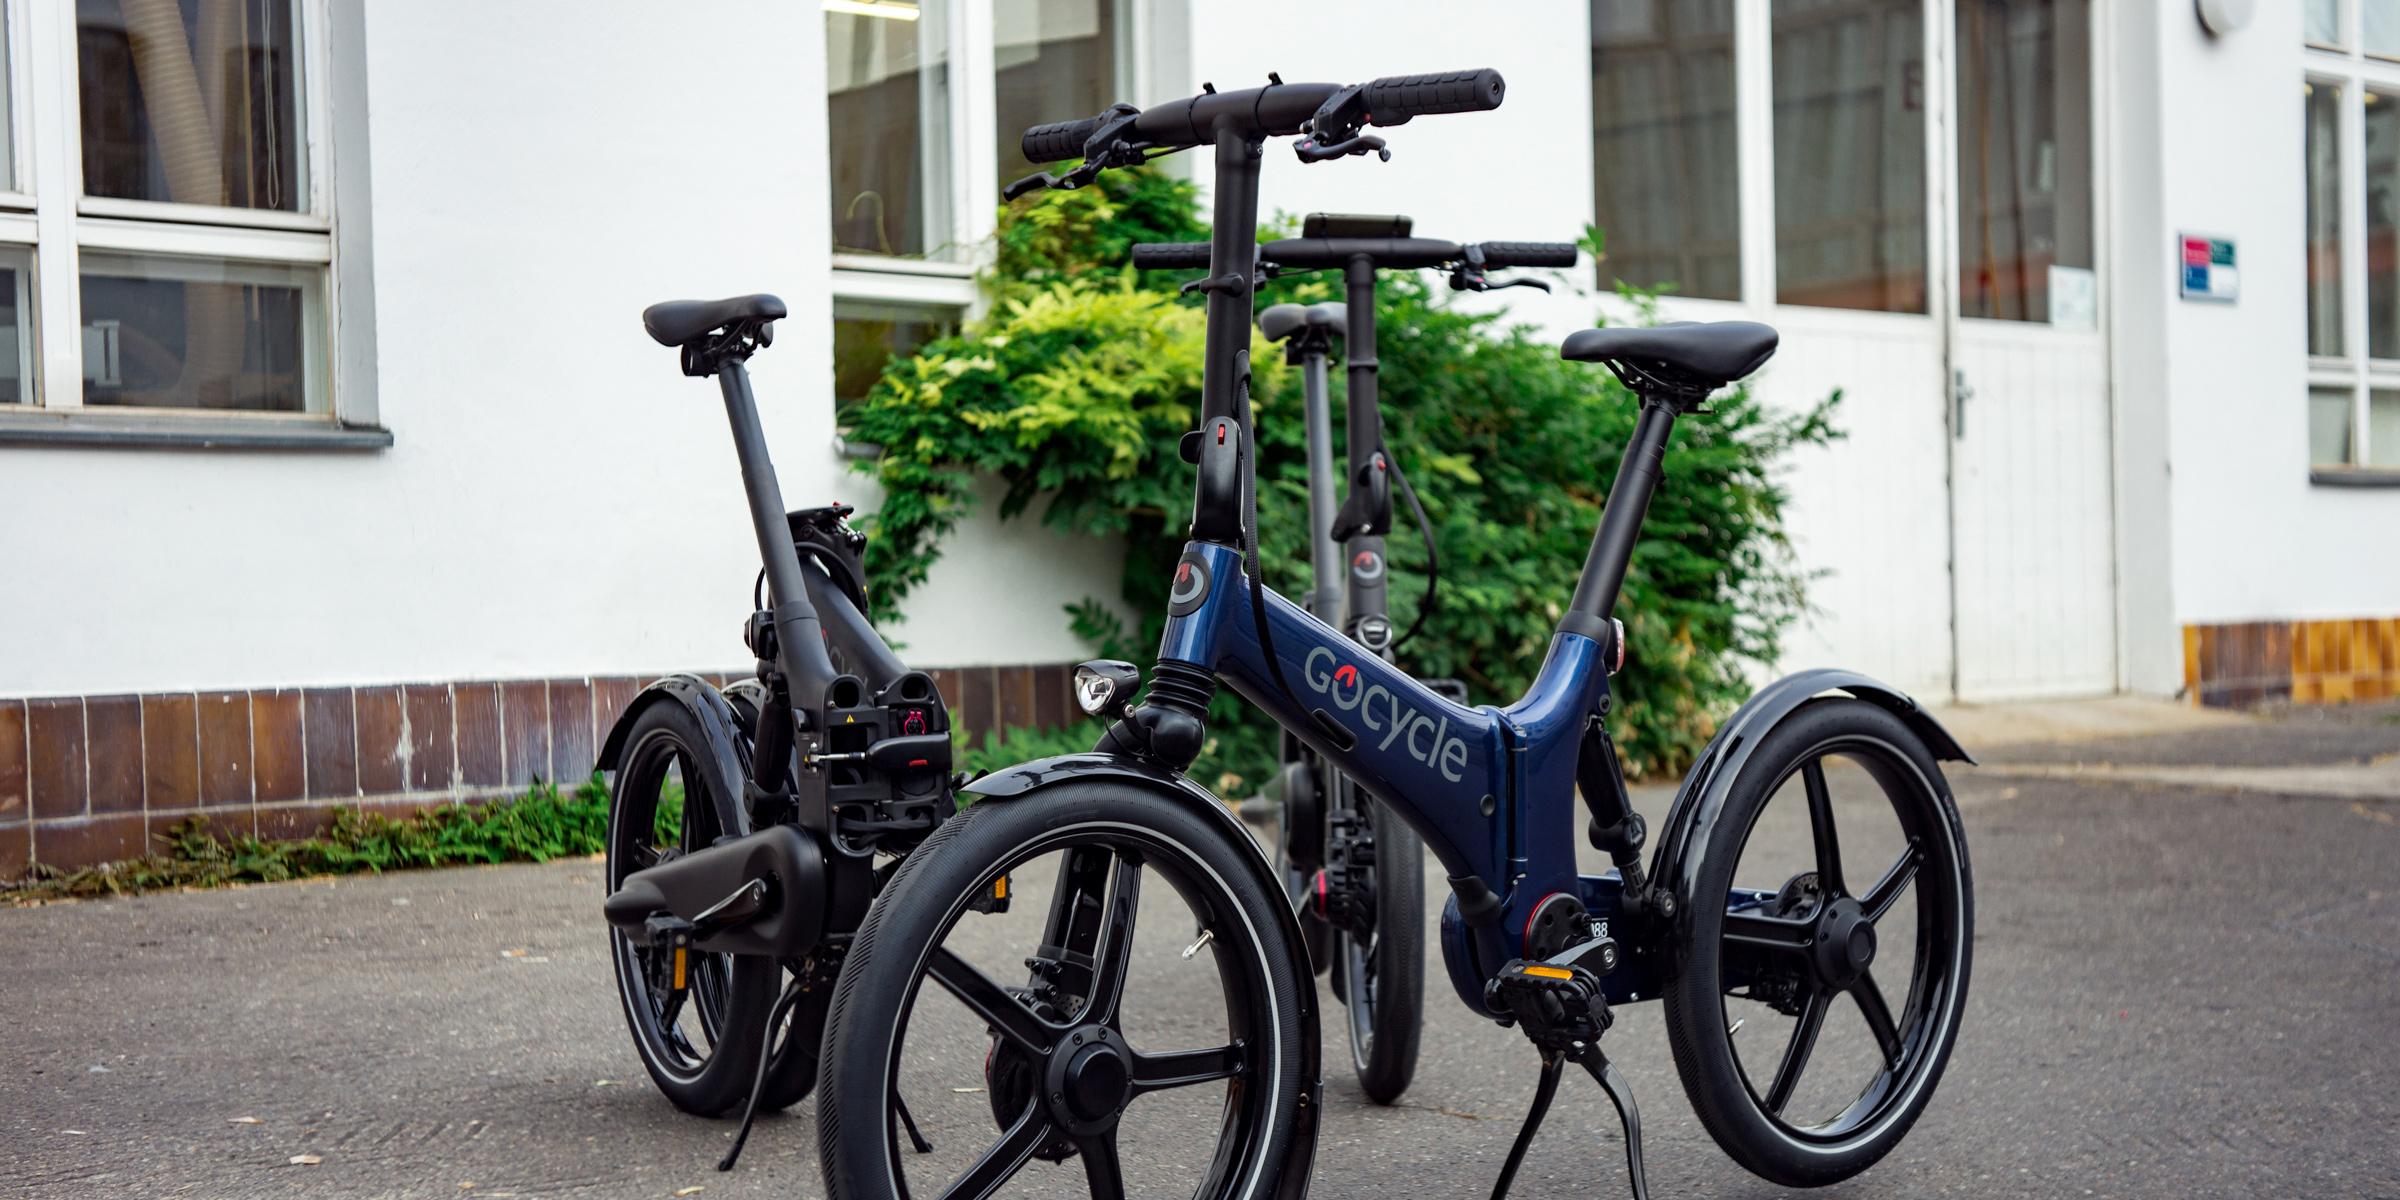 Gocycle Berlin